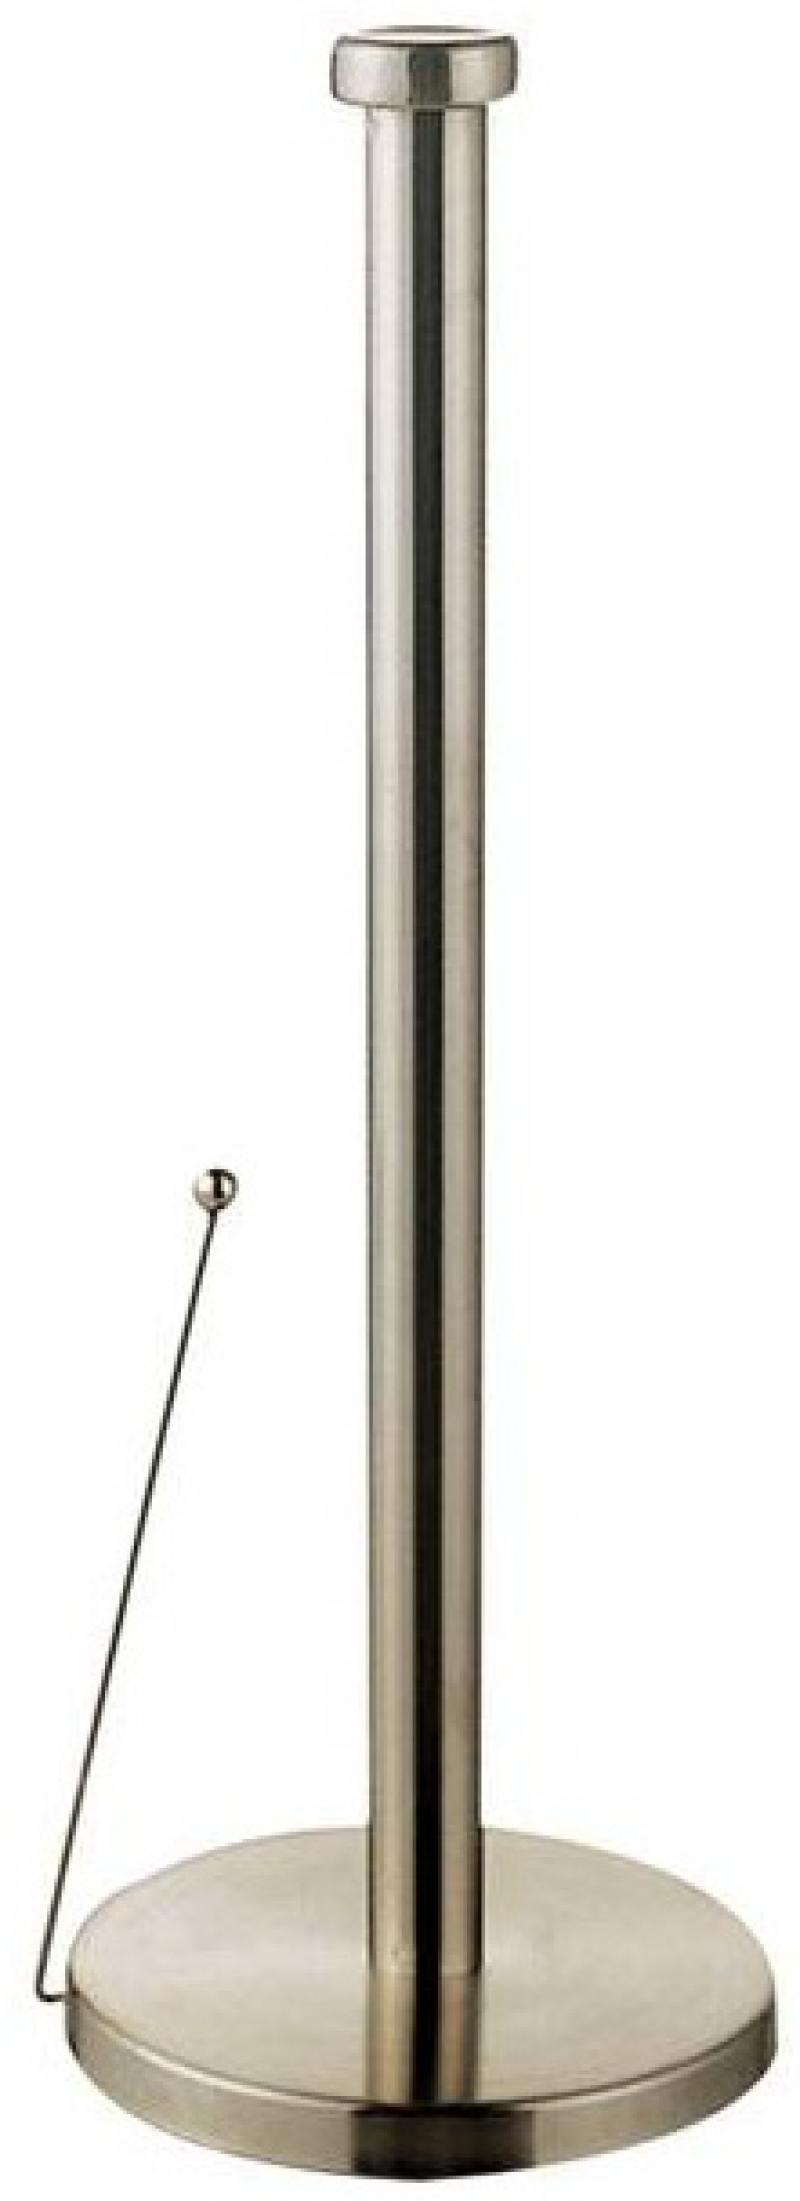 Держатель для бумажных полотенец Bekker BK-5503 нержавеющая сталь